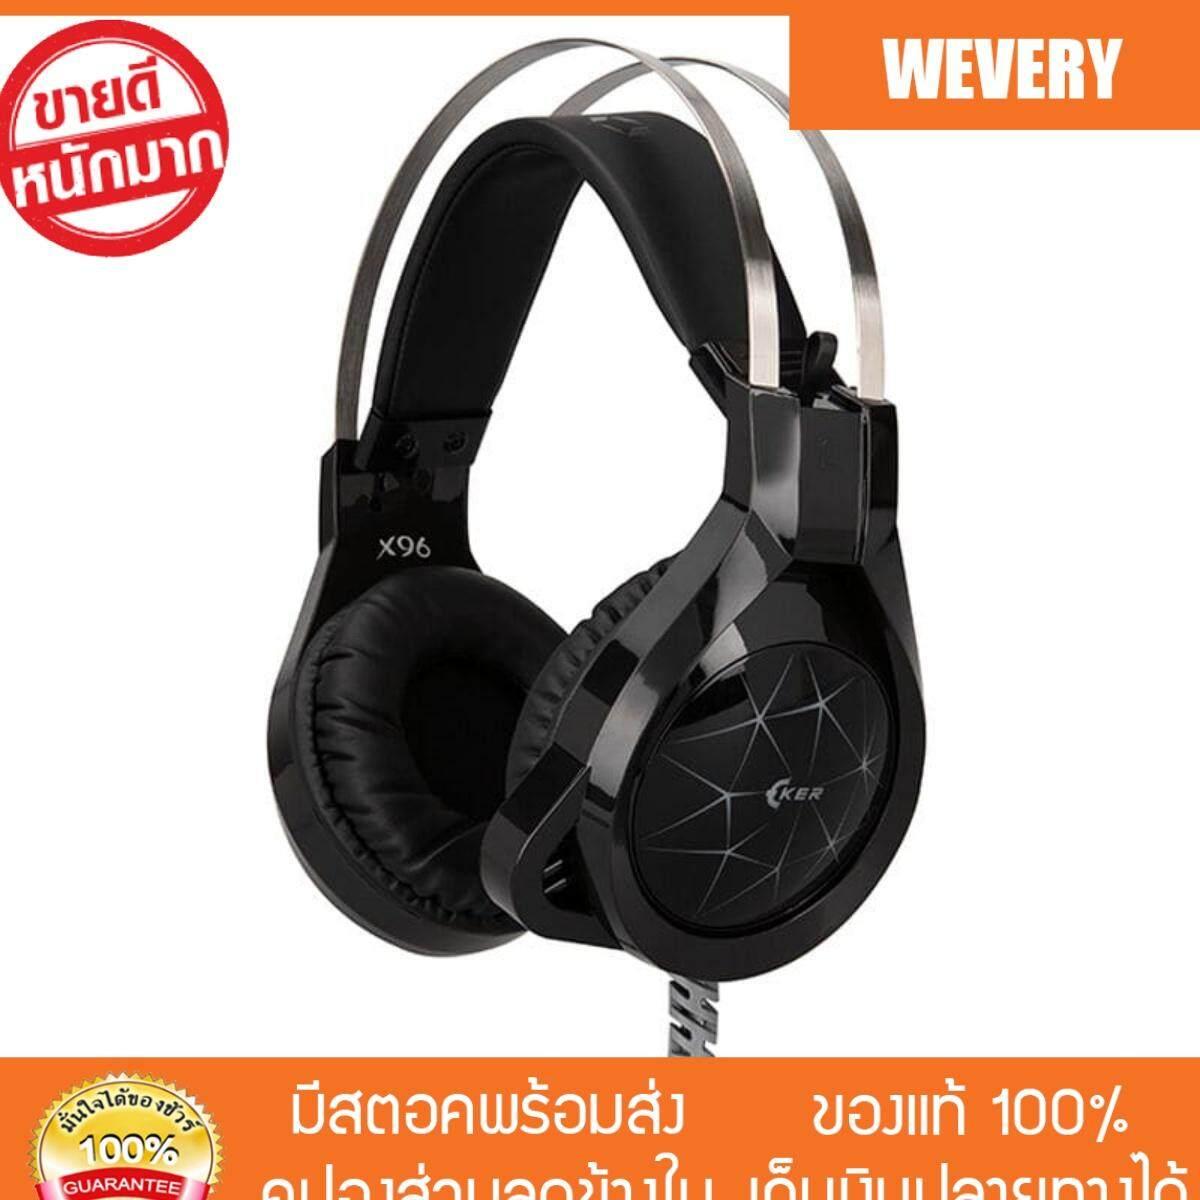 ขายดีมาก! [Wevery] GAMING HEADSET (7 COLOR LED) OKER X96 headphone gaming หูฟังเกมมิ่ง oker หูฟังครอบหู หูฟังสำหรับคอม หูฟังแบบครอบ ส่ง Kerry เก็บปลายทางได้